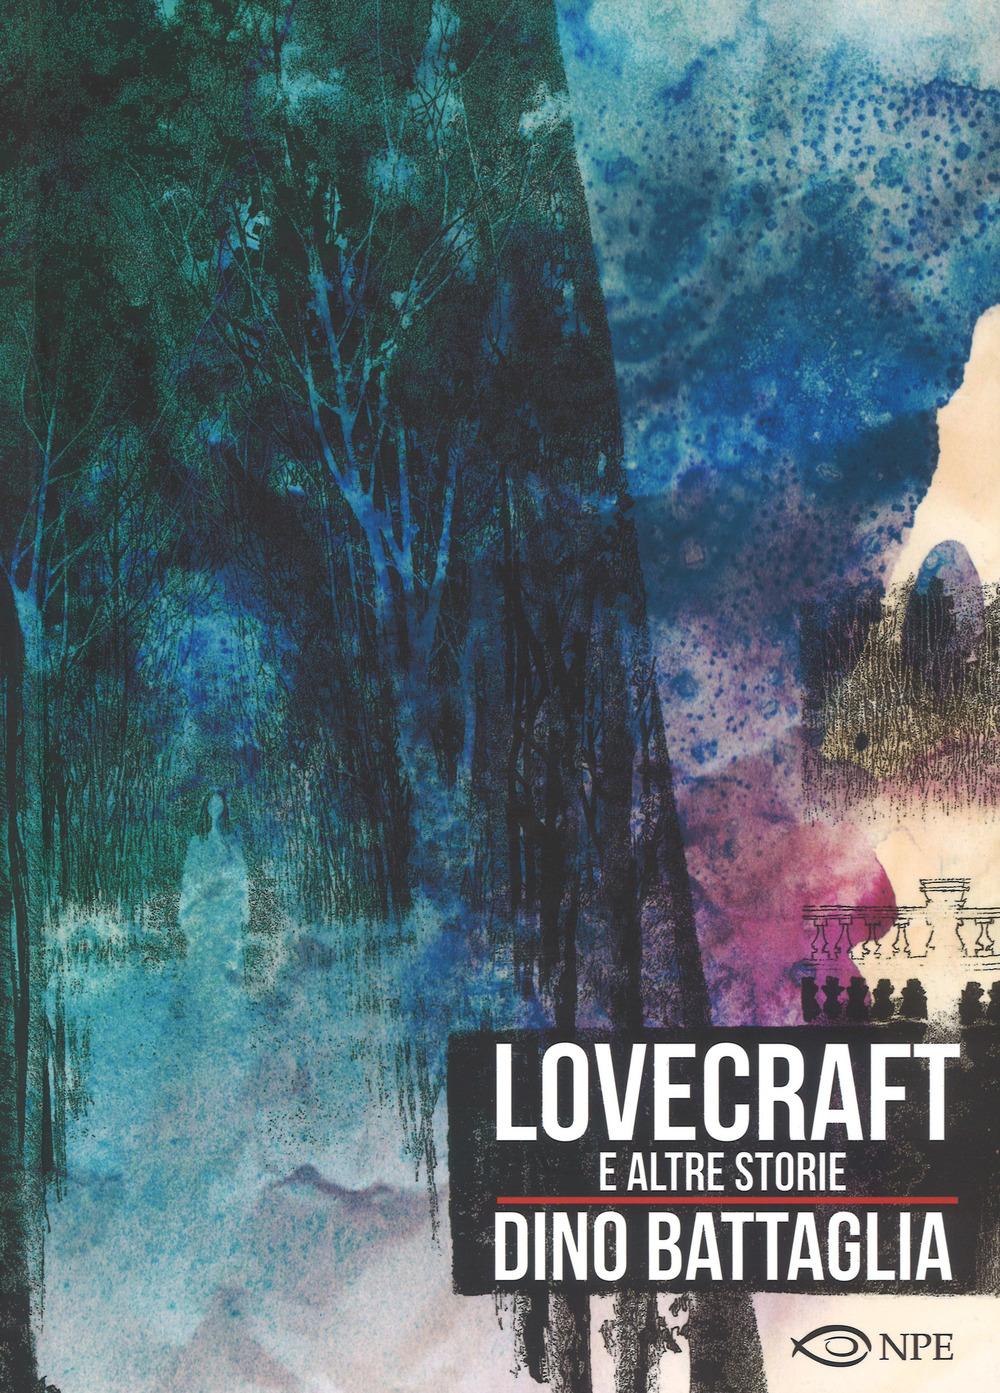 LOVECRAFT E ALTRE STORIE - DINO BATTAGLIA - 9788888893891